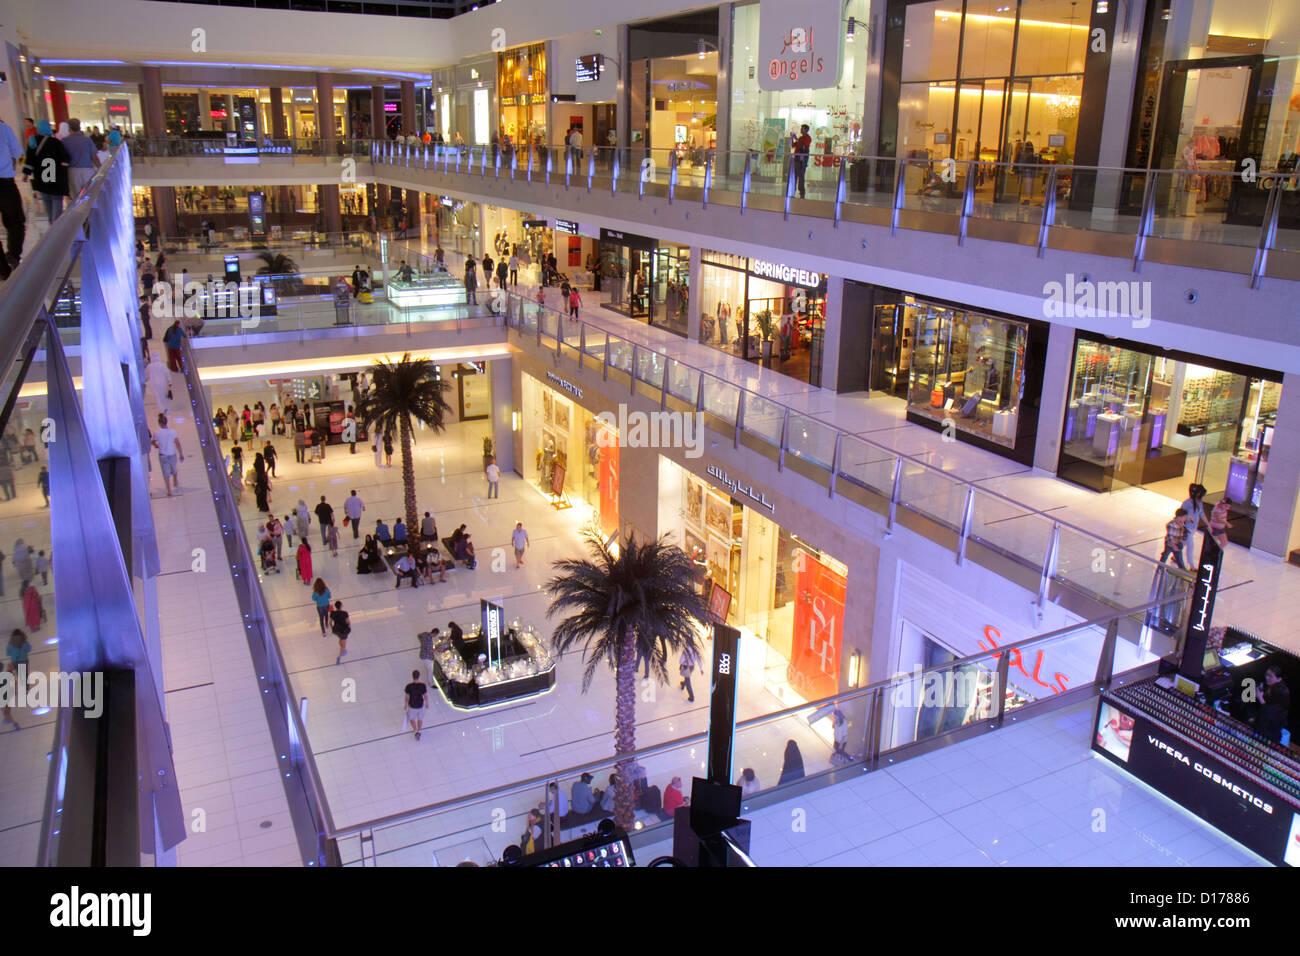 Dubai UAE United Arab Emirates U.A.E. Middle East Downtown Dubai Burj Dubai Dubai Mall shopping store levels Angels - Stock Image